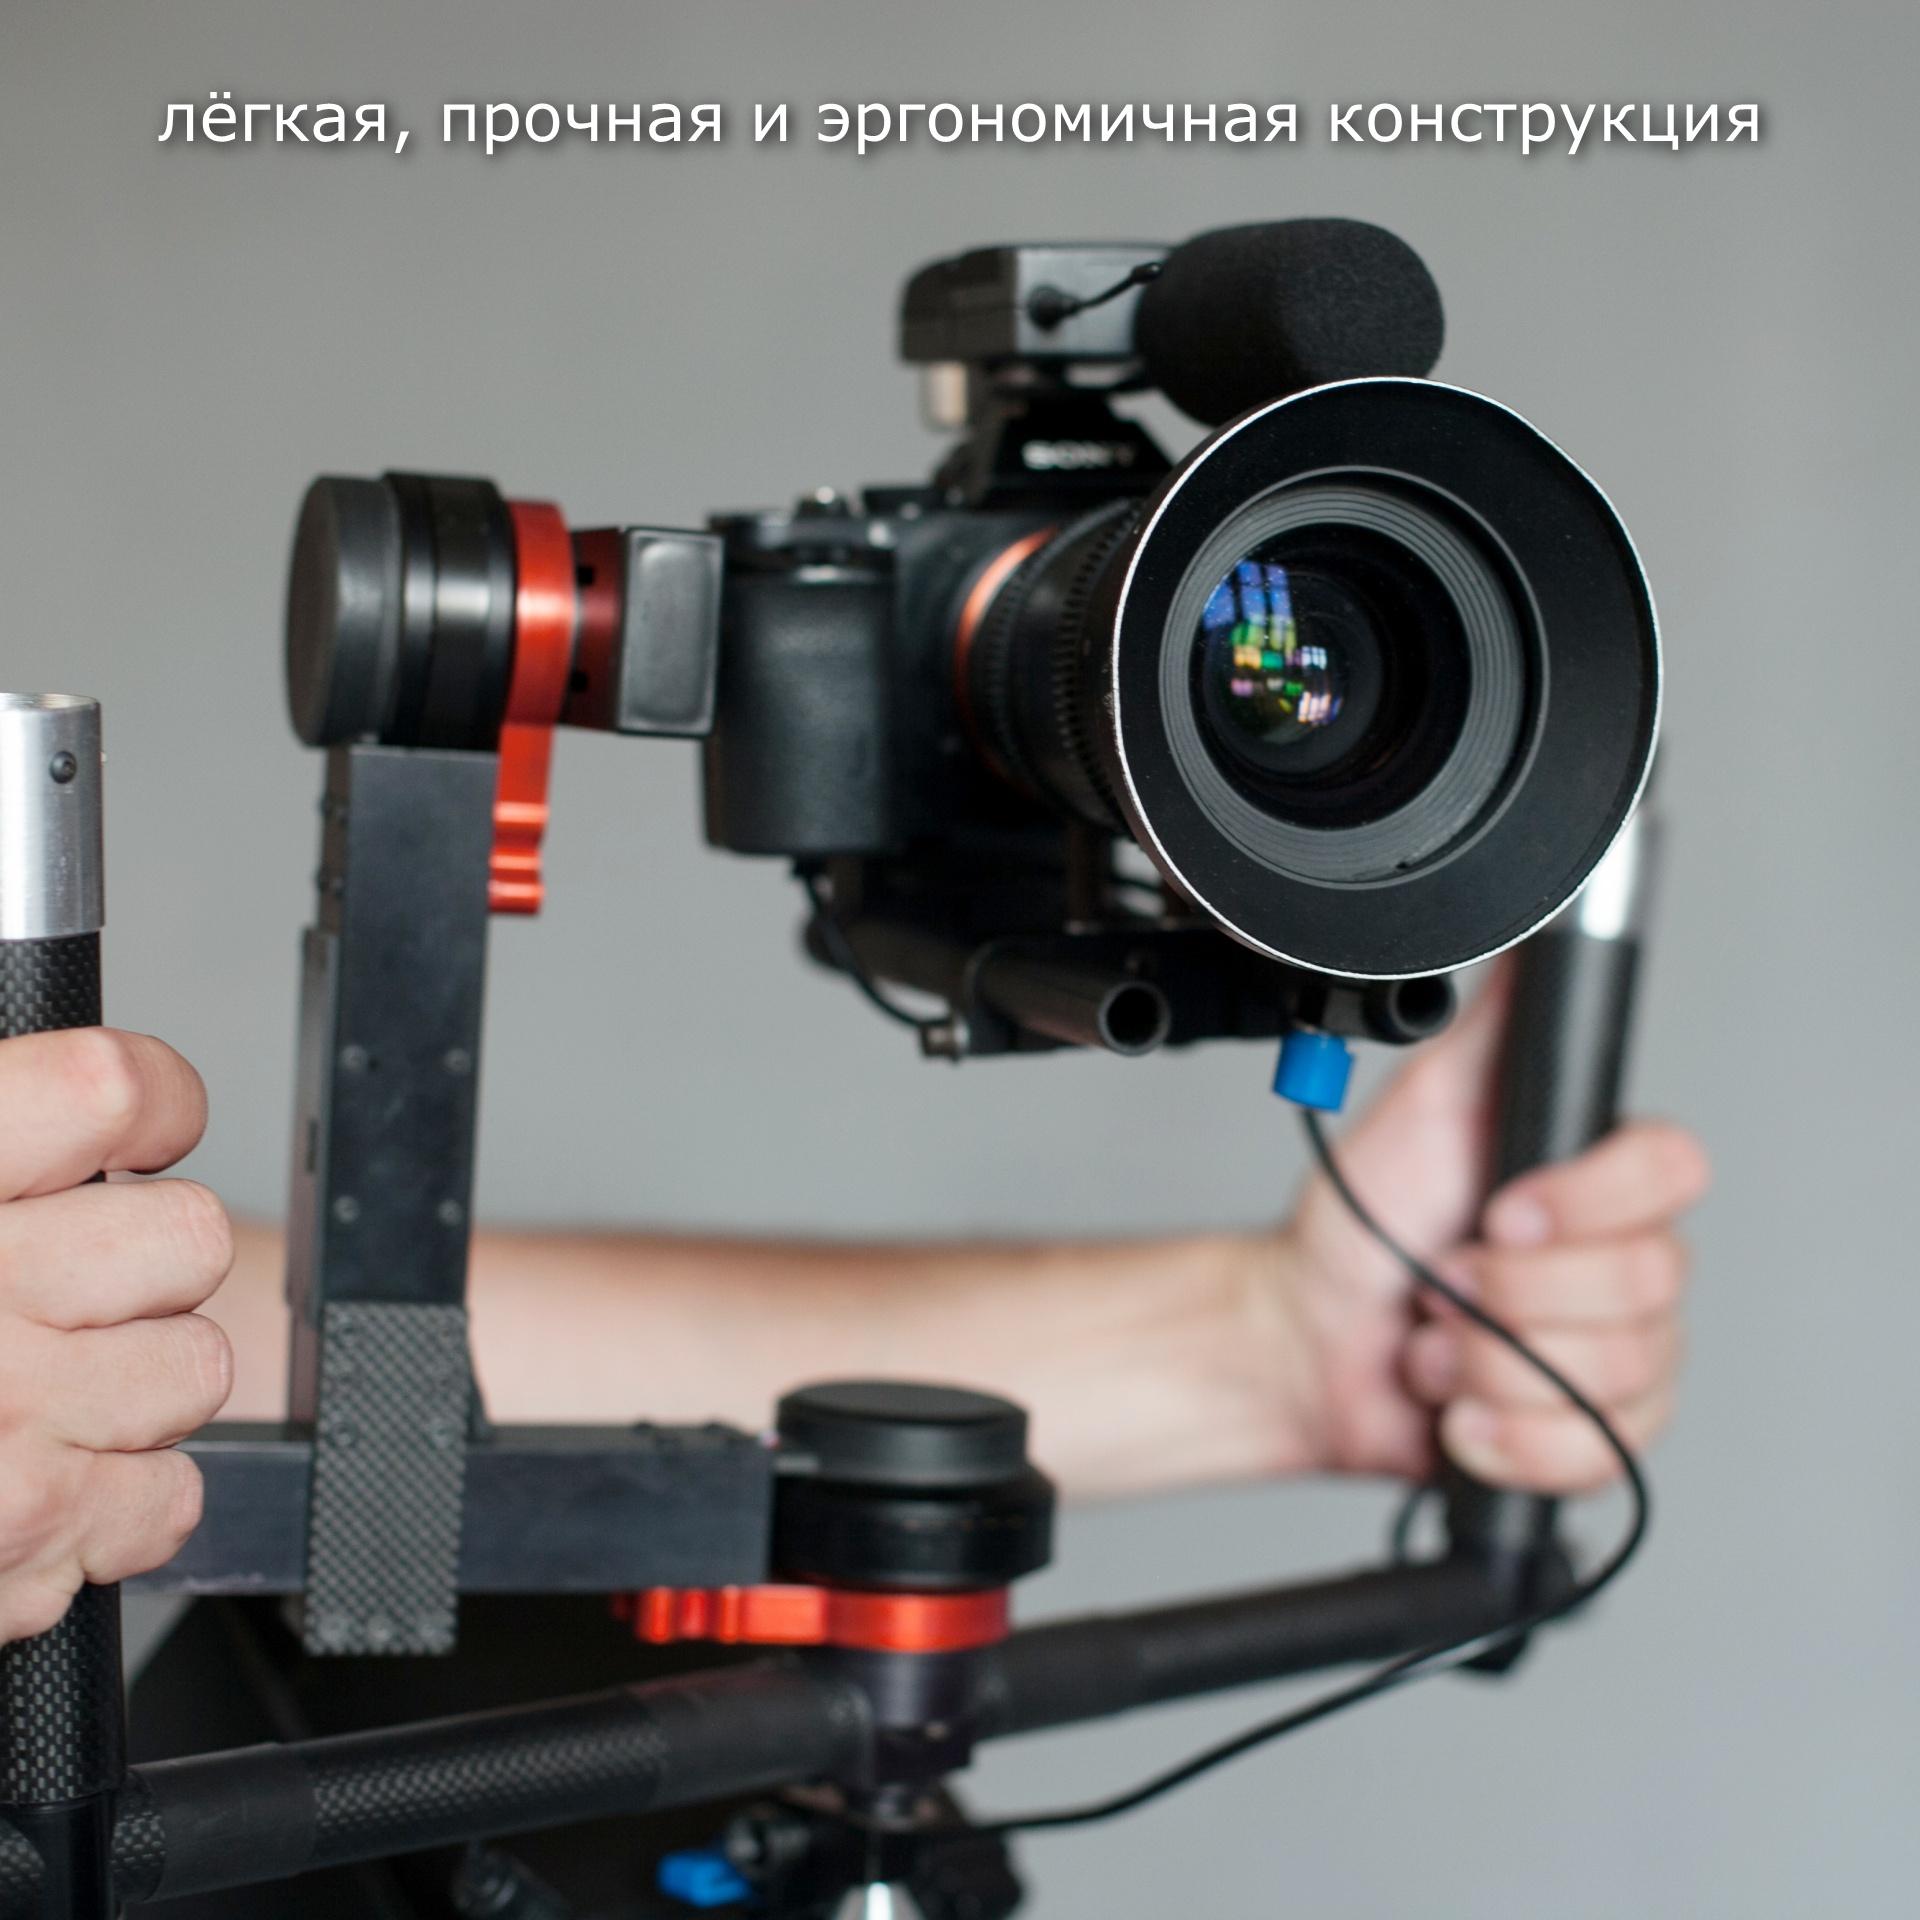 Аренда видео оборудования 5